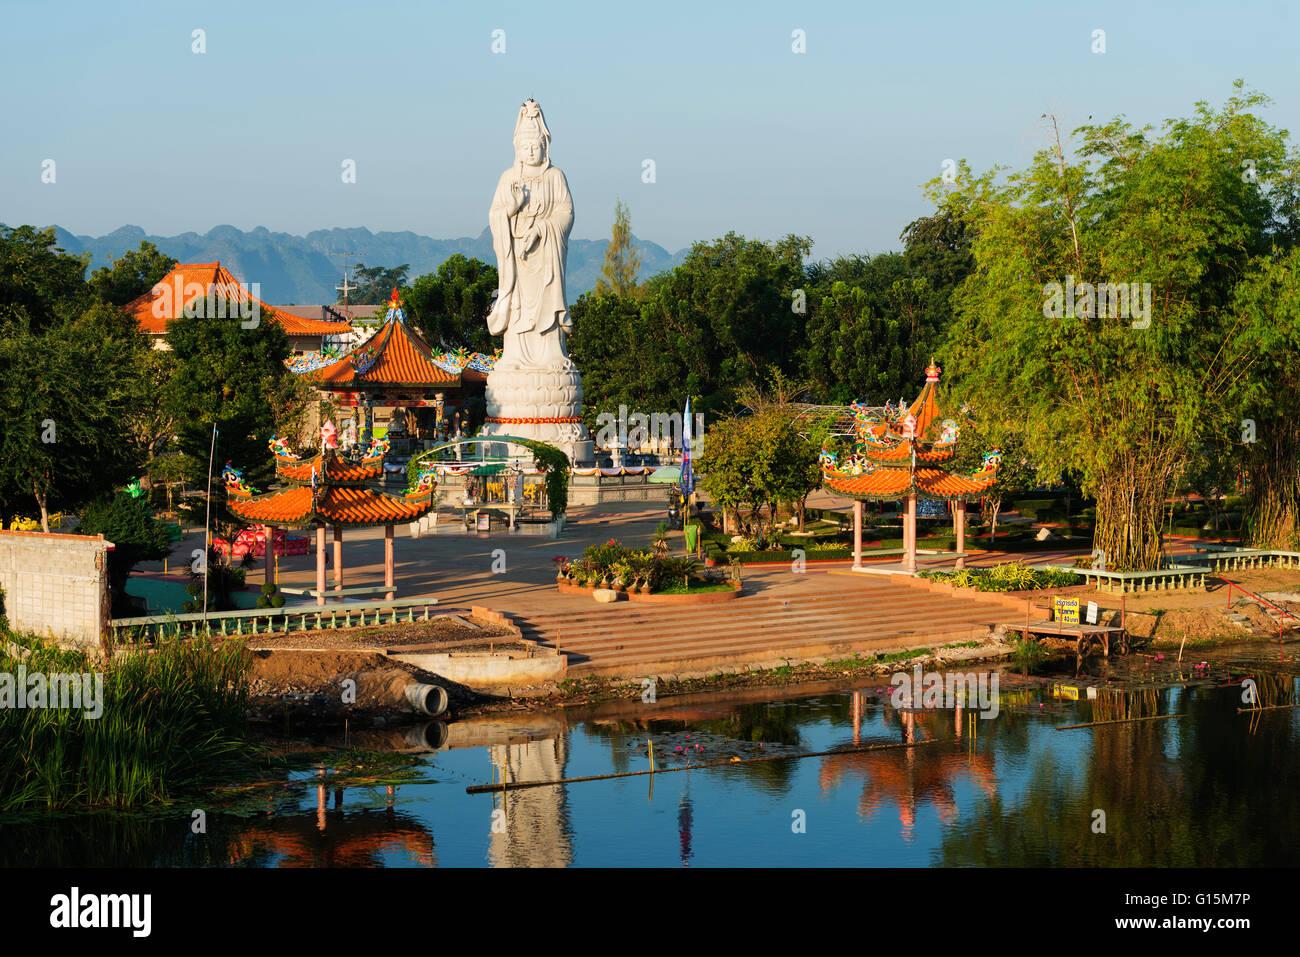 River Kwai et Kuang Im Chapelle temple bouddhiste, Kanchanaburi, Thaïlande, Asie du Sud, Asie Photo Stock